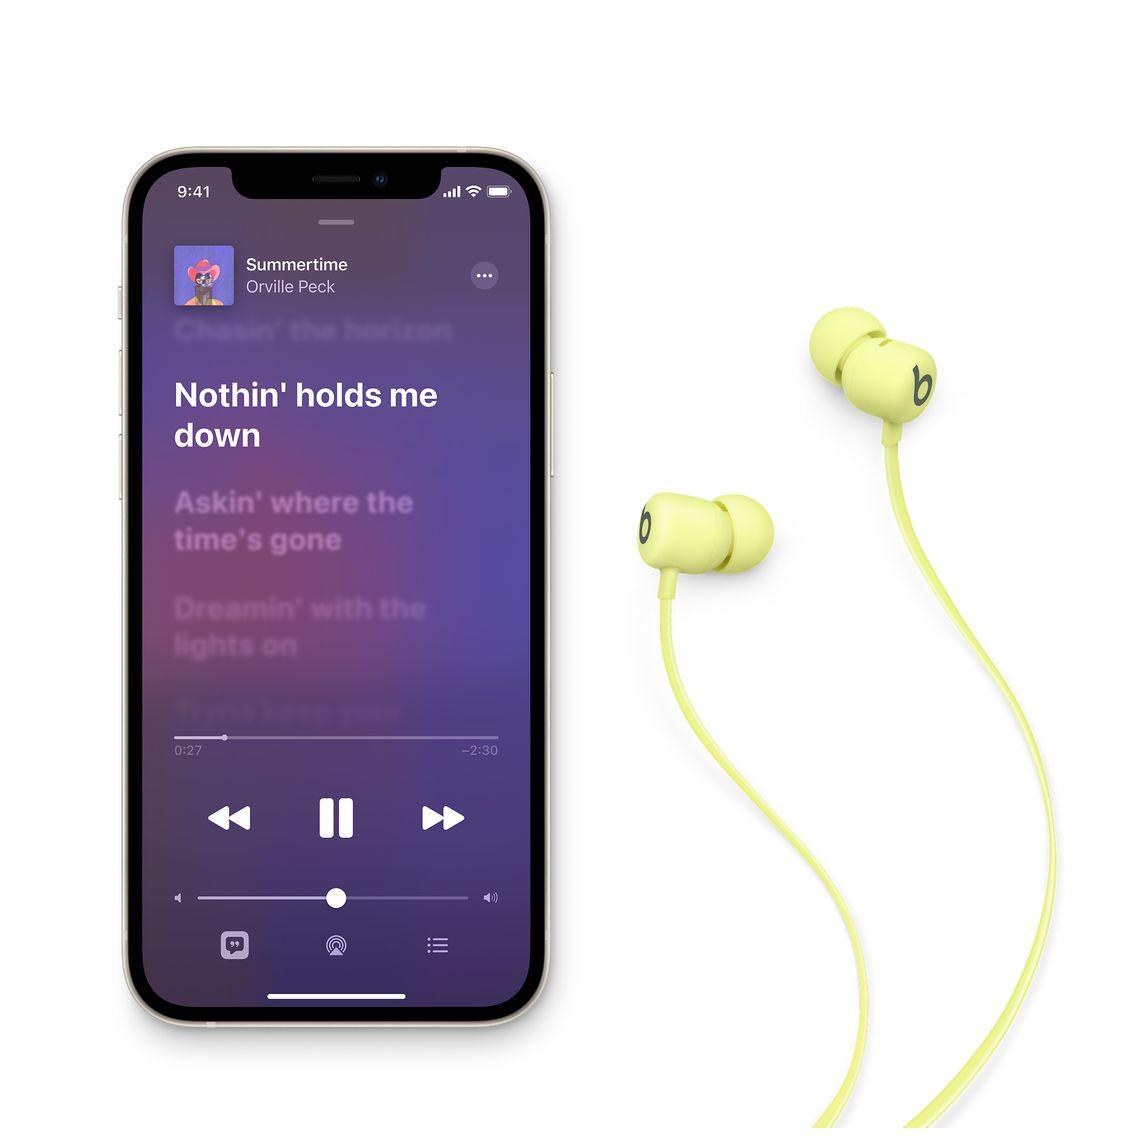 - Audifono In Ear Wireless Flex Beats / Amarillo 6